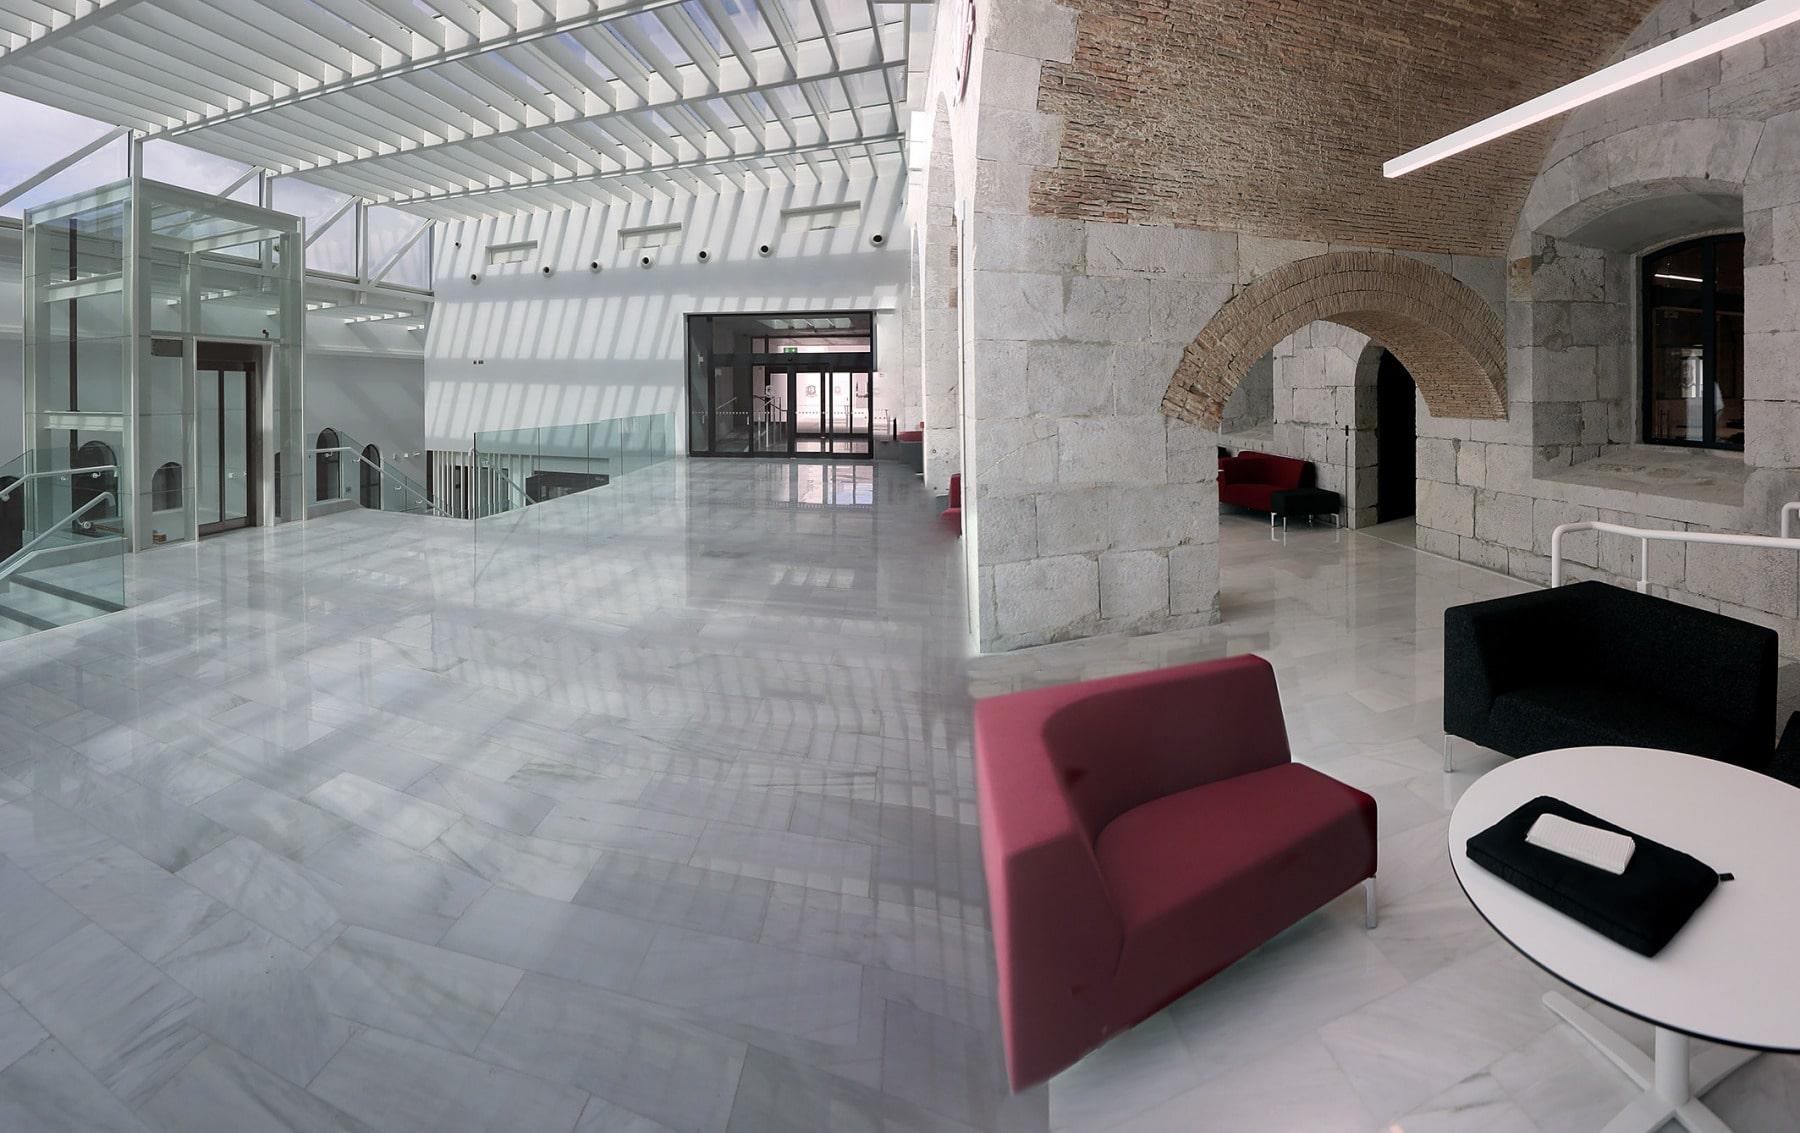 university-panorama-5_21280164408_o